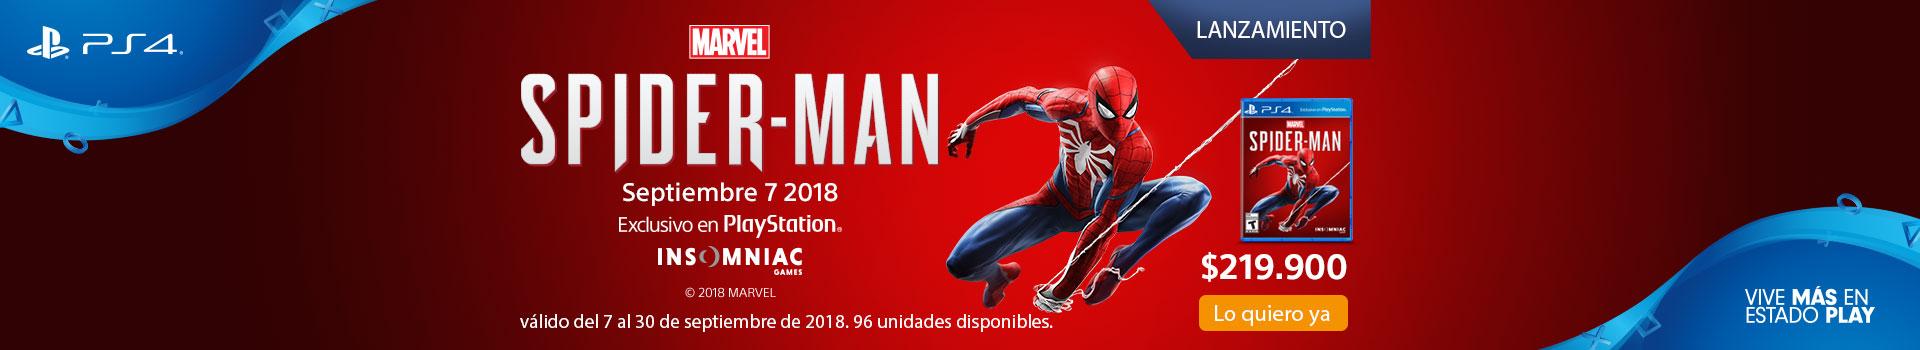 AK-KT-BCAT-1-videojuegos-PP---spider-man-7sep